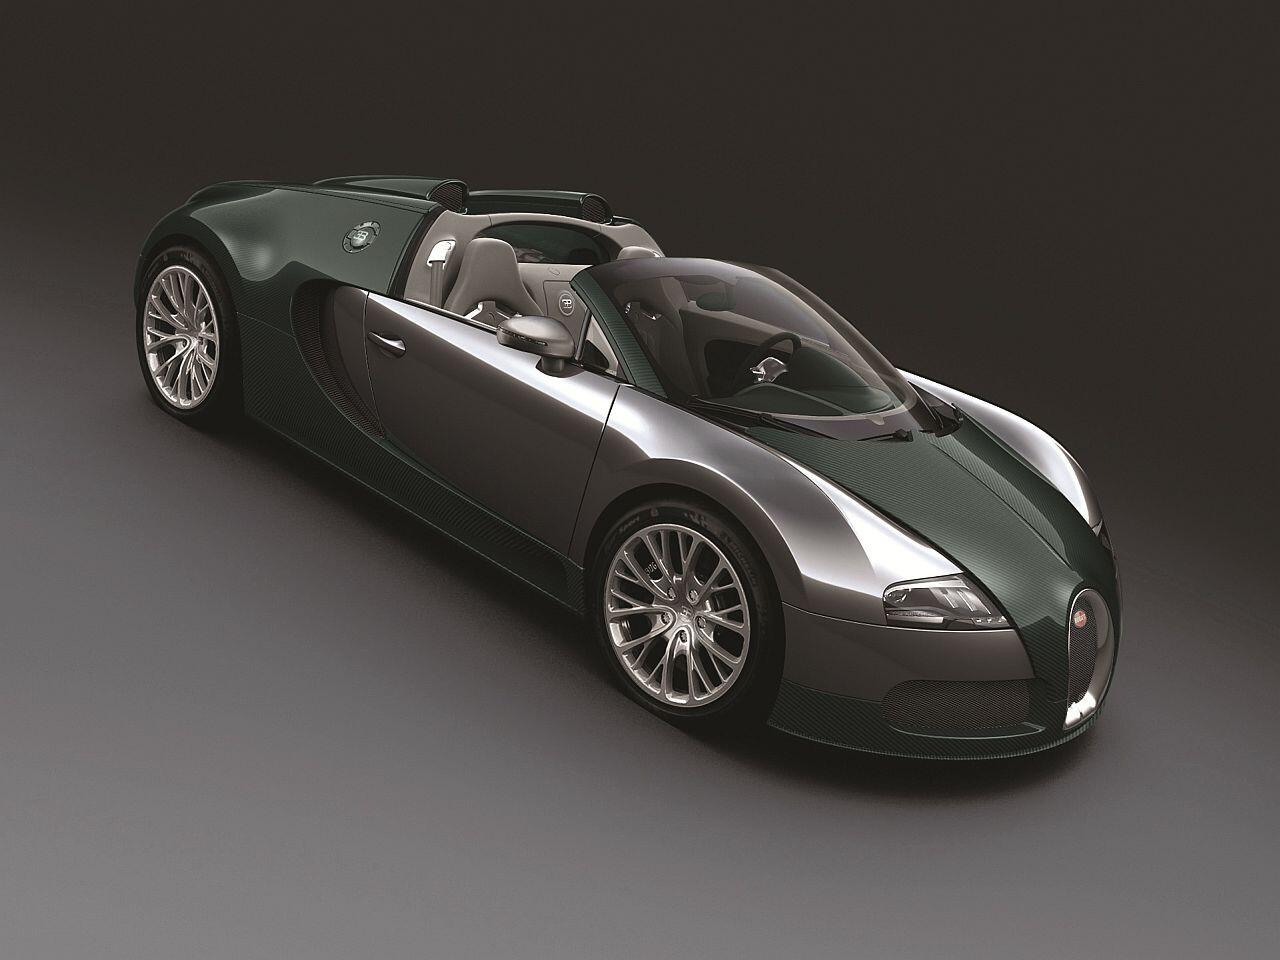 Bild zu Auf der Dubai Motor Show 2011 feierte dieses schöne Exemplar seine Premiere